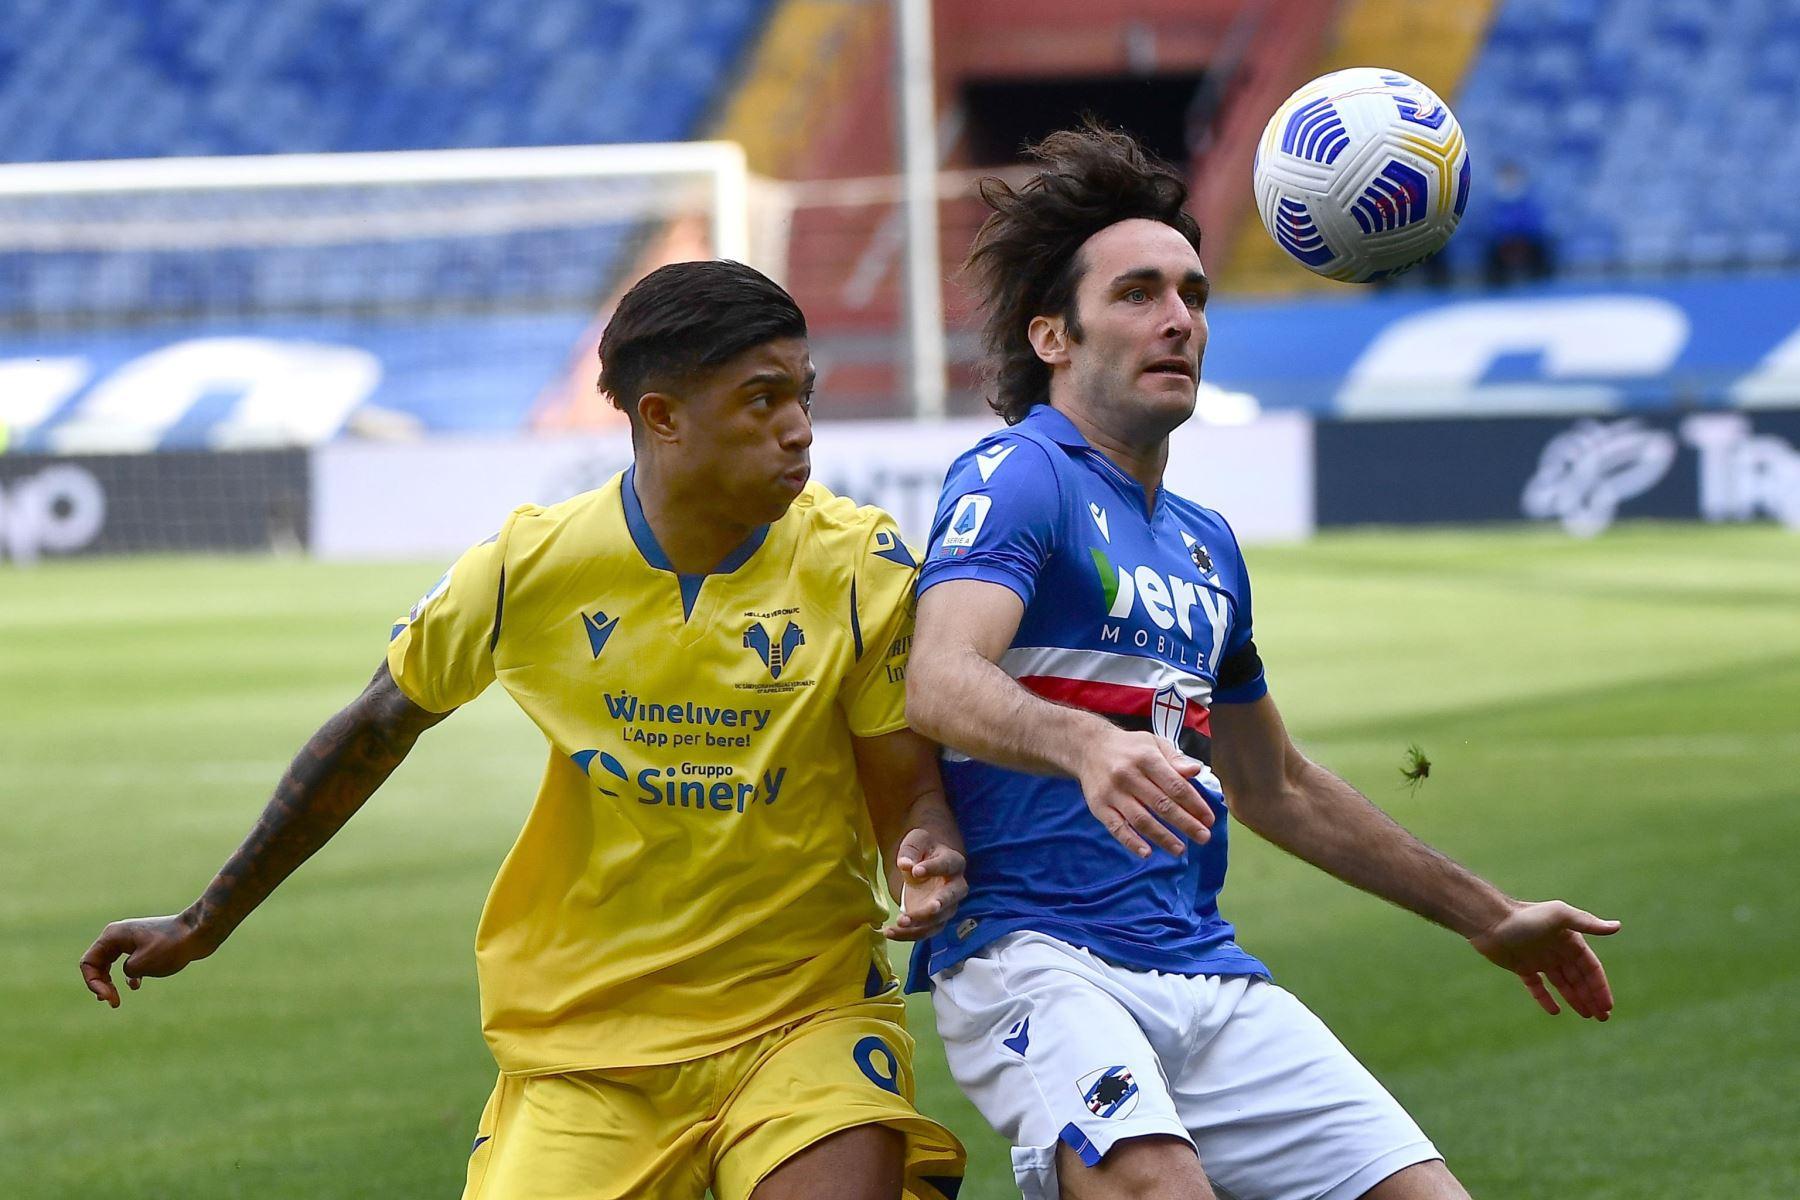 Tommaso Augello de Sampdoria y Eddie Salcedo de Verona en acción durante el partido de fútbol de la Serie A italiana entre UC Sampdoria vs Hellas Verona FC. Foto: EFE